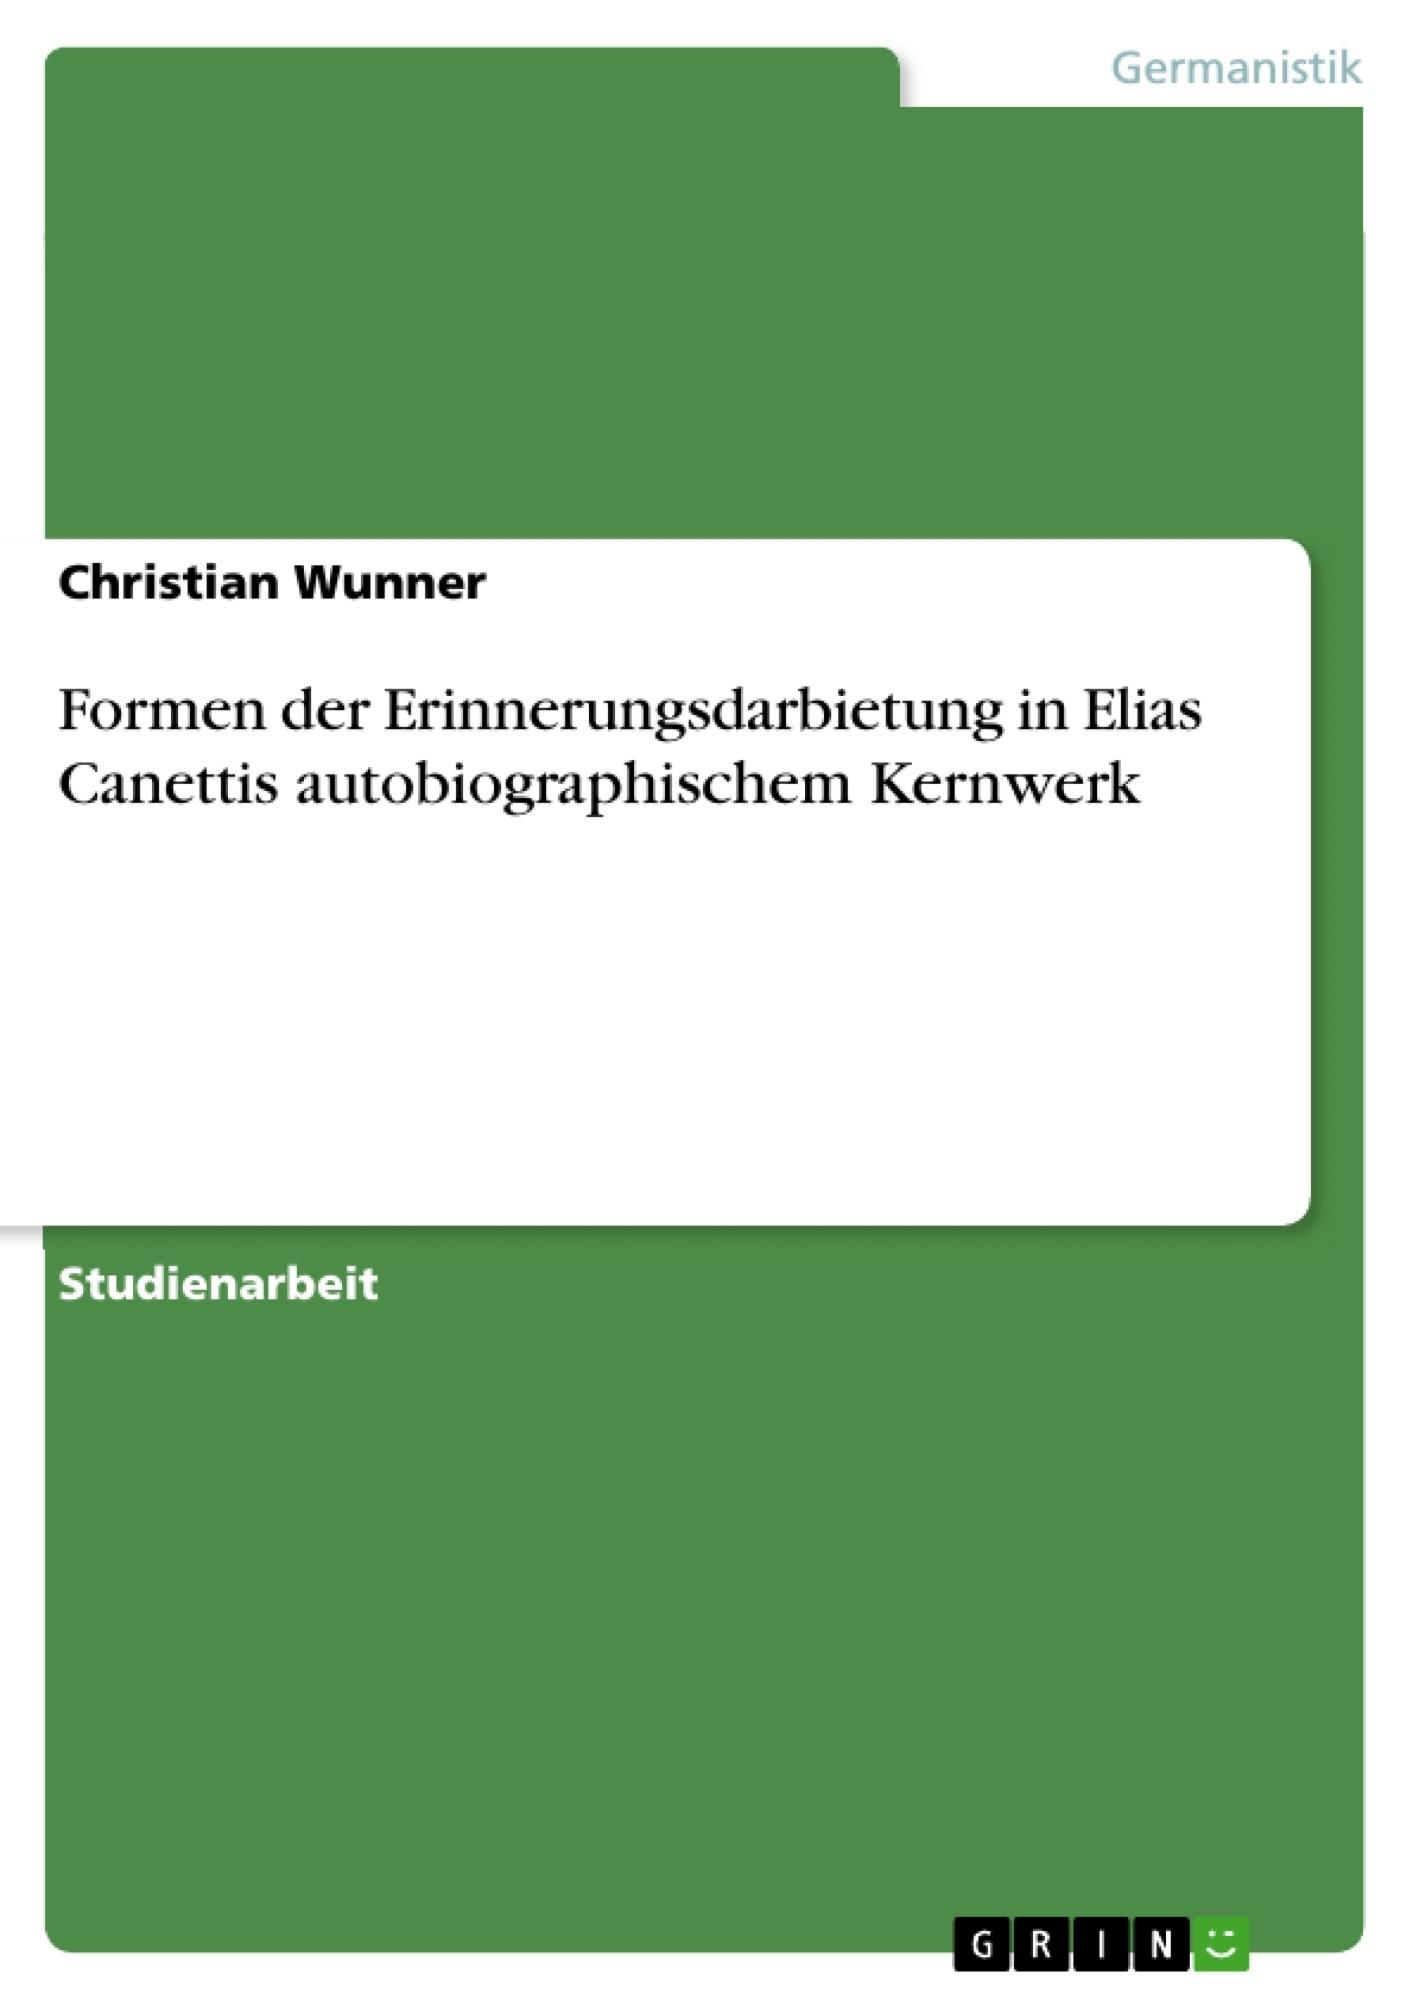 Titel: Formen der Erinnerungsdarbietung in Elias Canettis autobiographischem Kernwerk